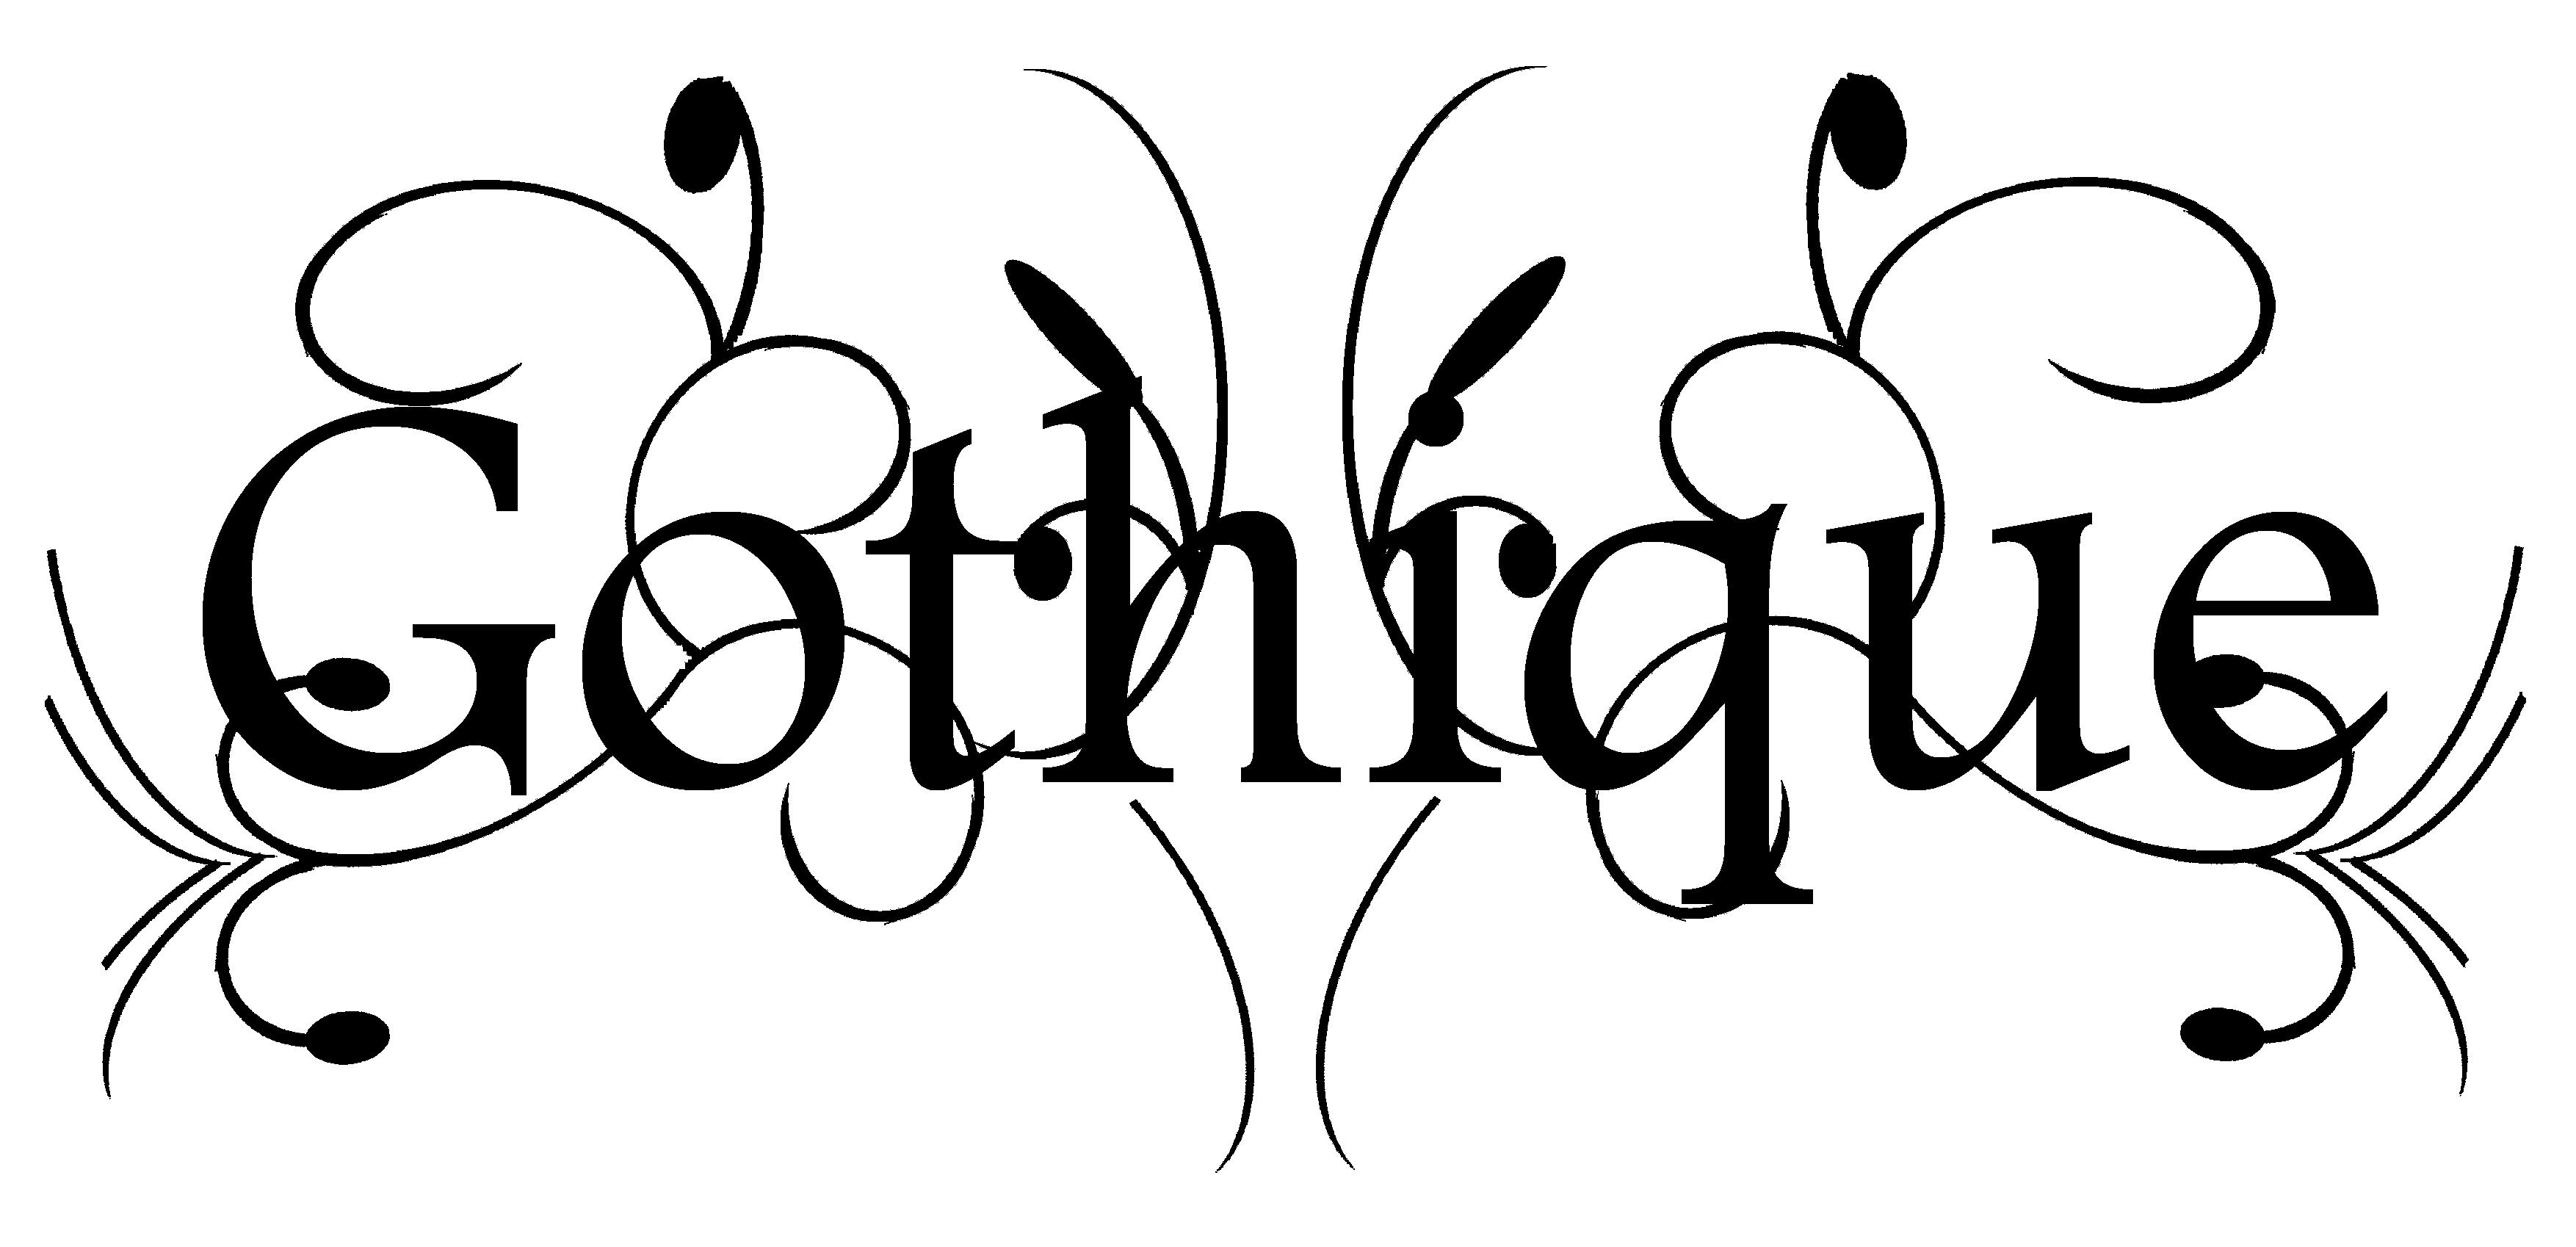 Top à imprimer : Chiffres et formes - Alphabet - Lettre q numéro 573859 JR35